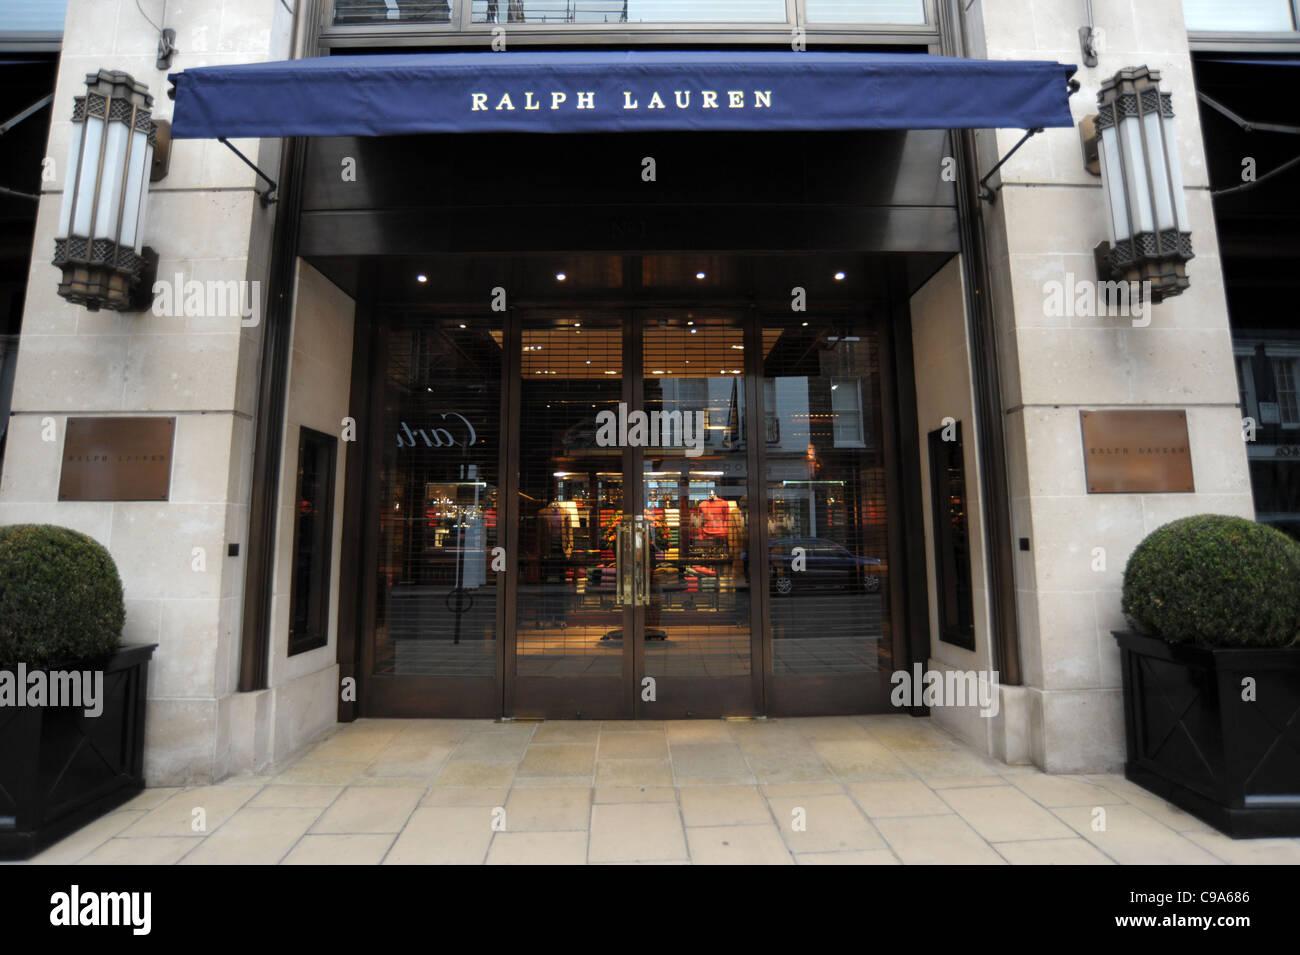 Photo de l extérieur du magasin Ralph Lauren sur Bond Street à Londres  Angleterre 2011 78e646a1c32